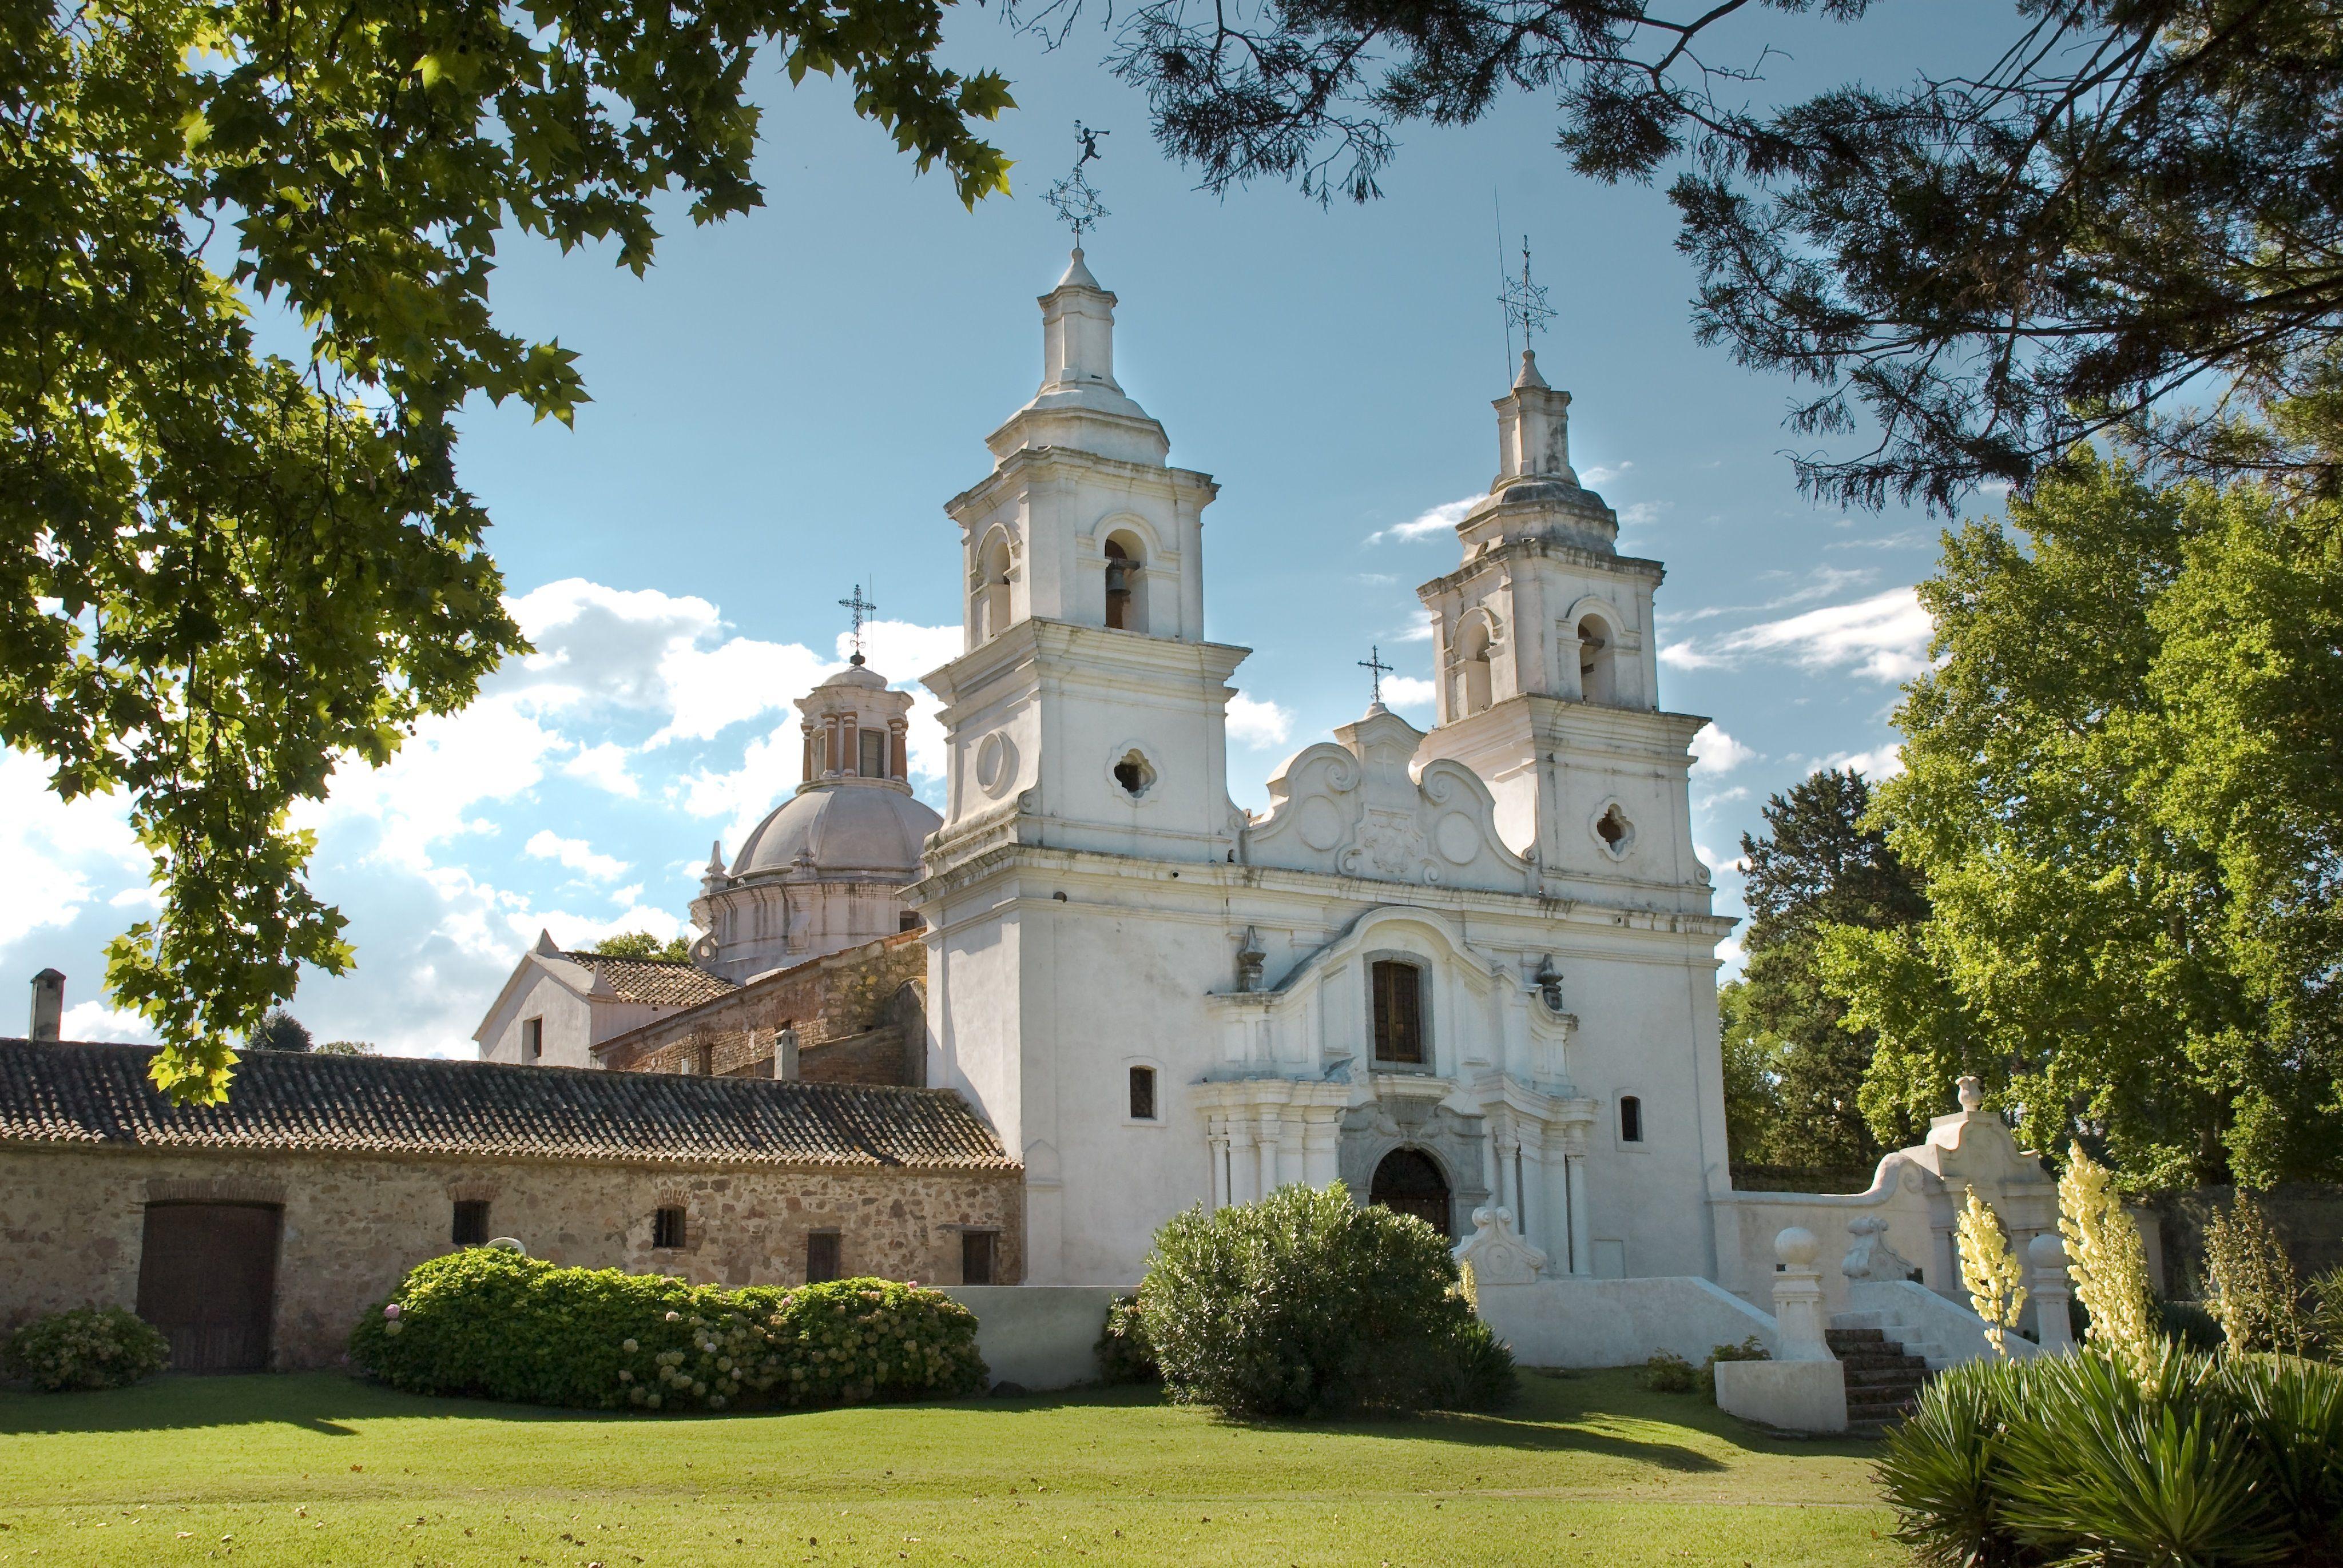 La Estancia de Santa Catalina conserva el mayor conjunto edificado por la Compañía fuera de la ciudad de Córdoba.